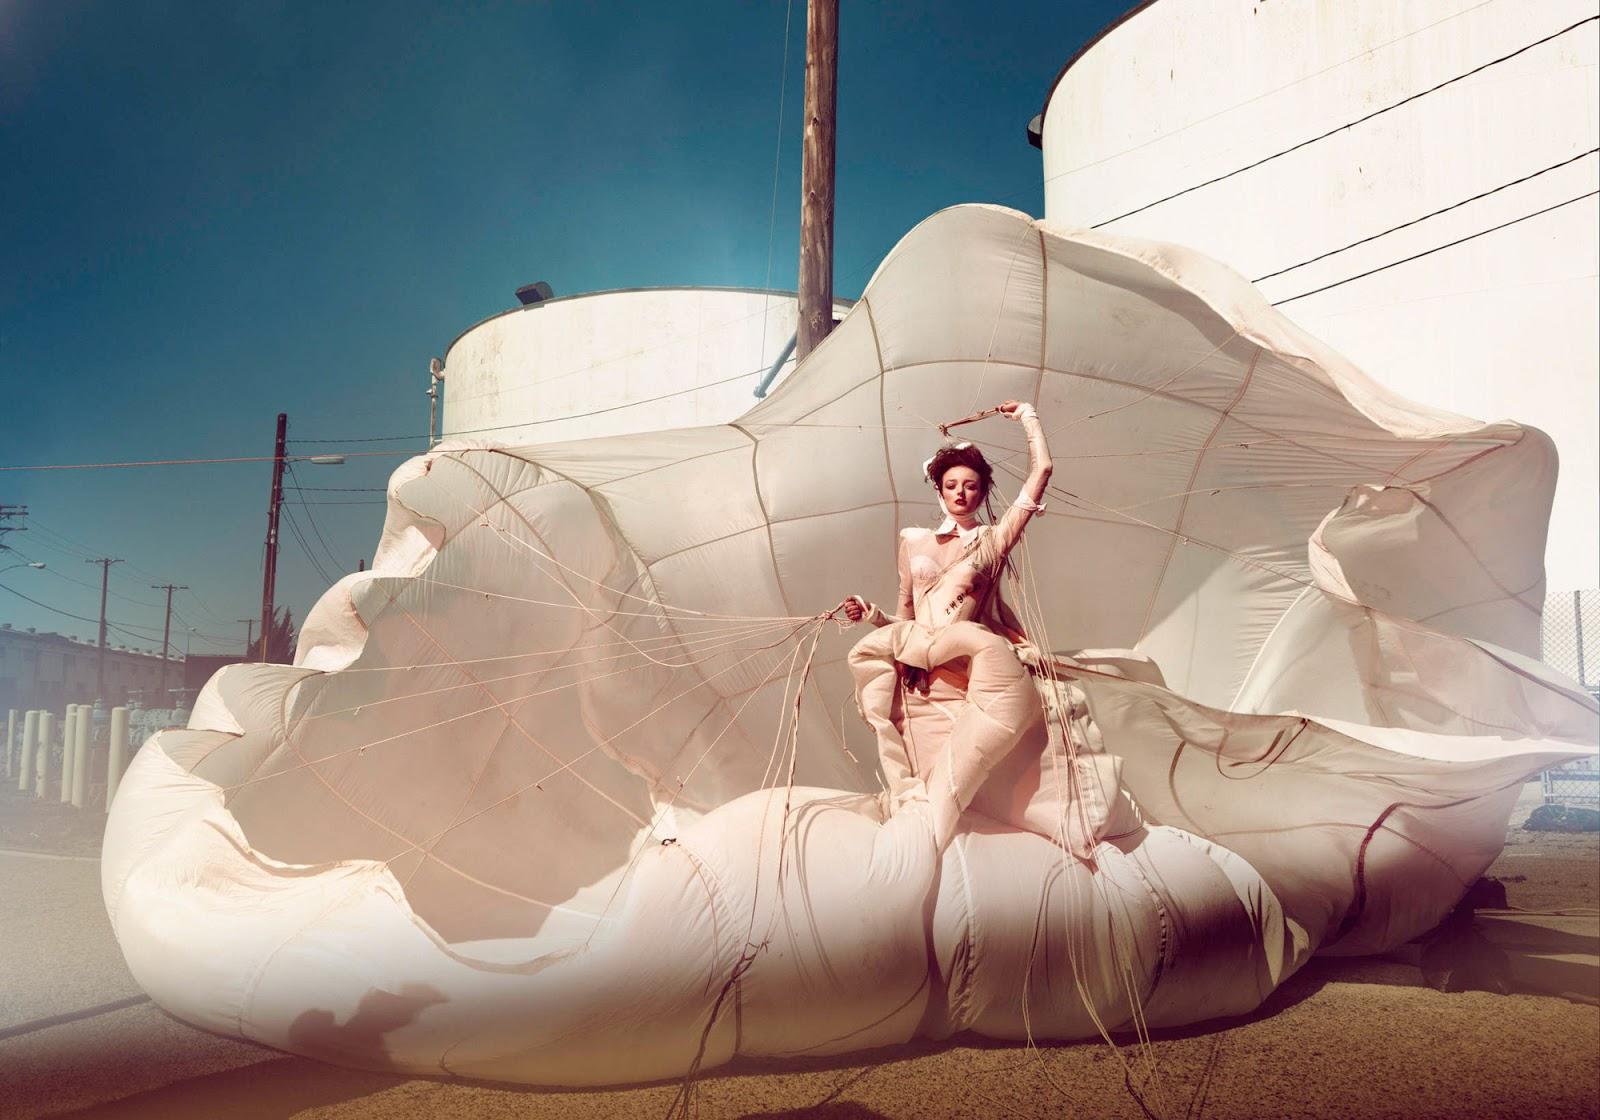 「gntm parachute」的圖片搜尋結果